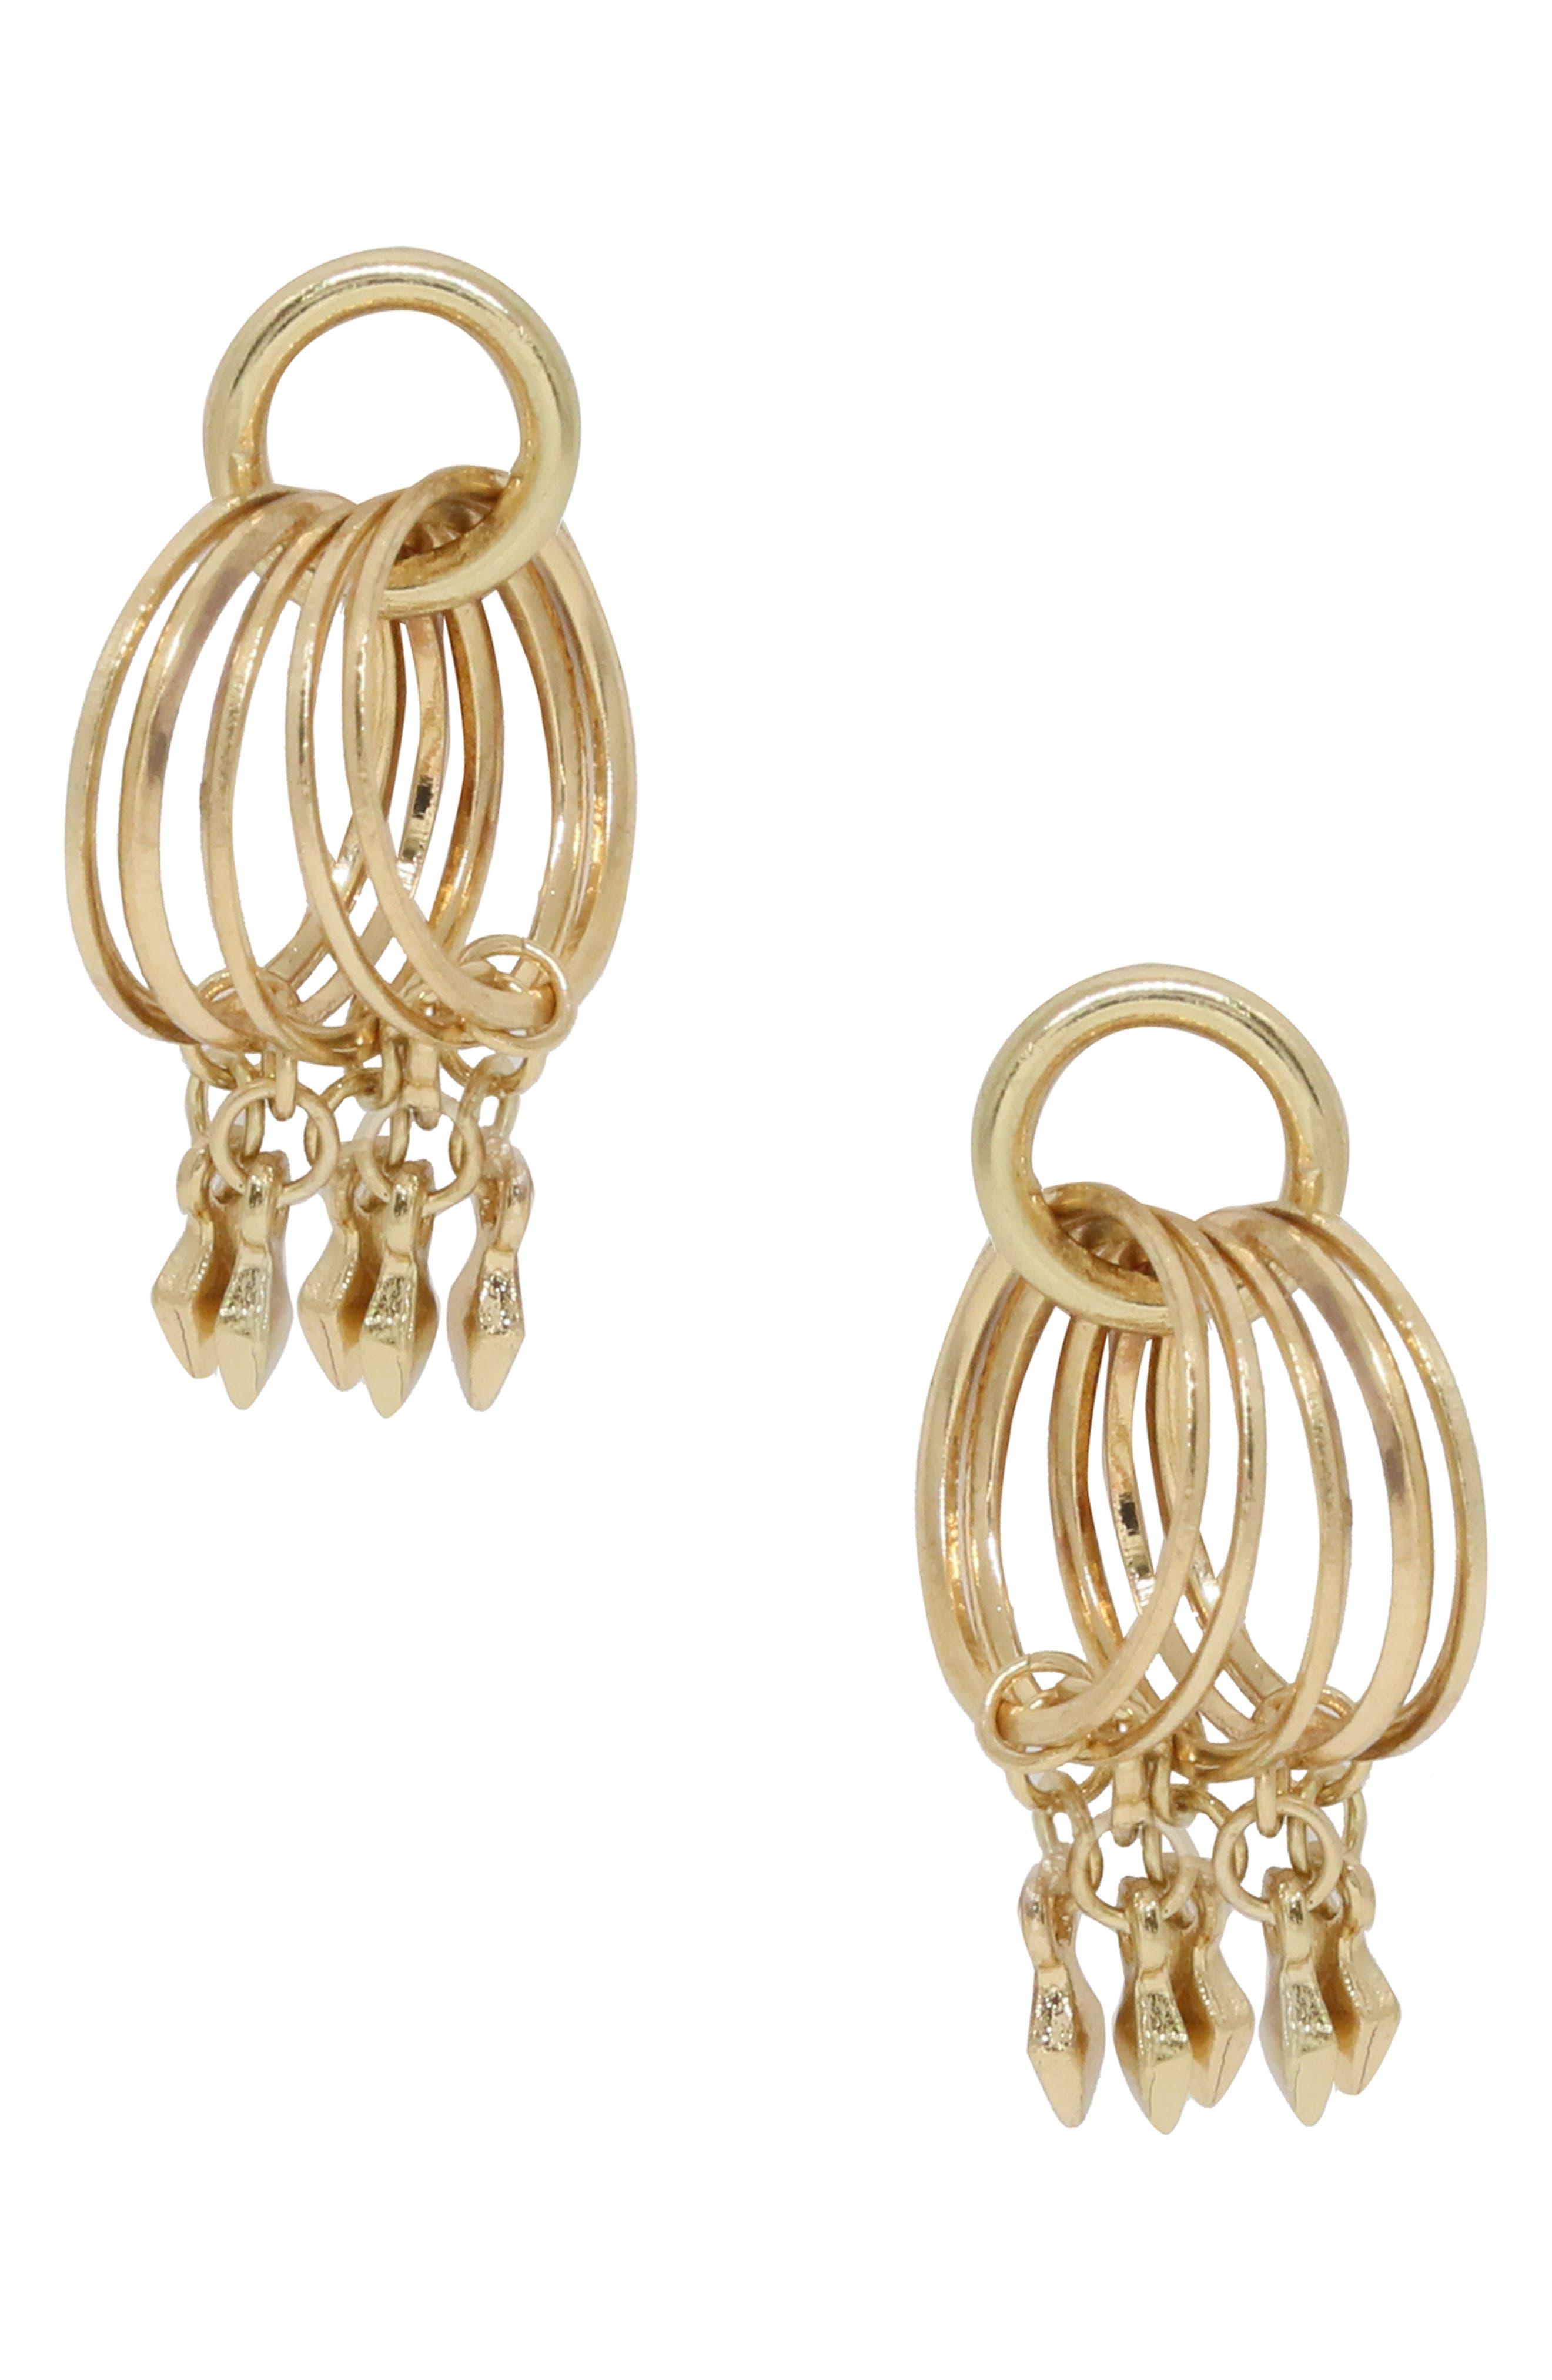 Charm Hoop Stud Earrings